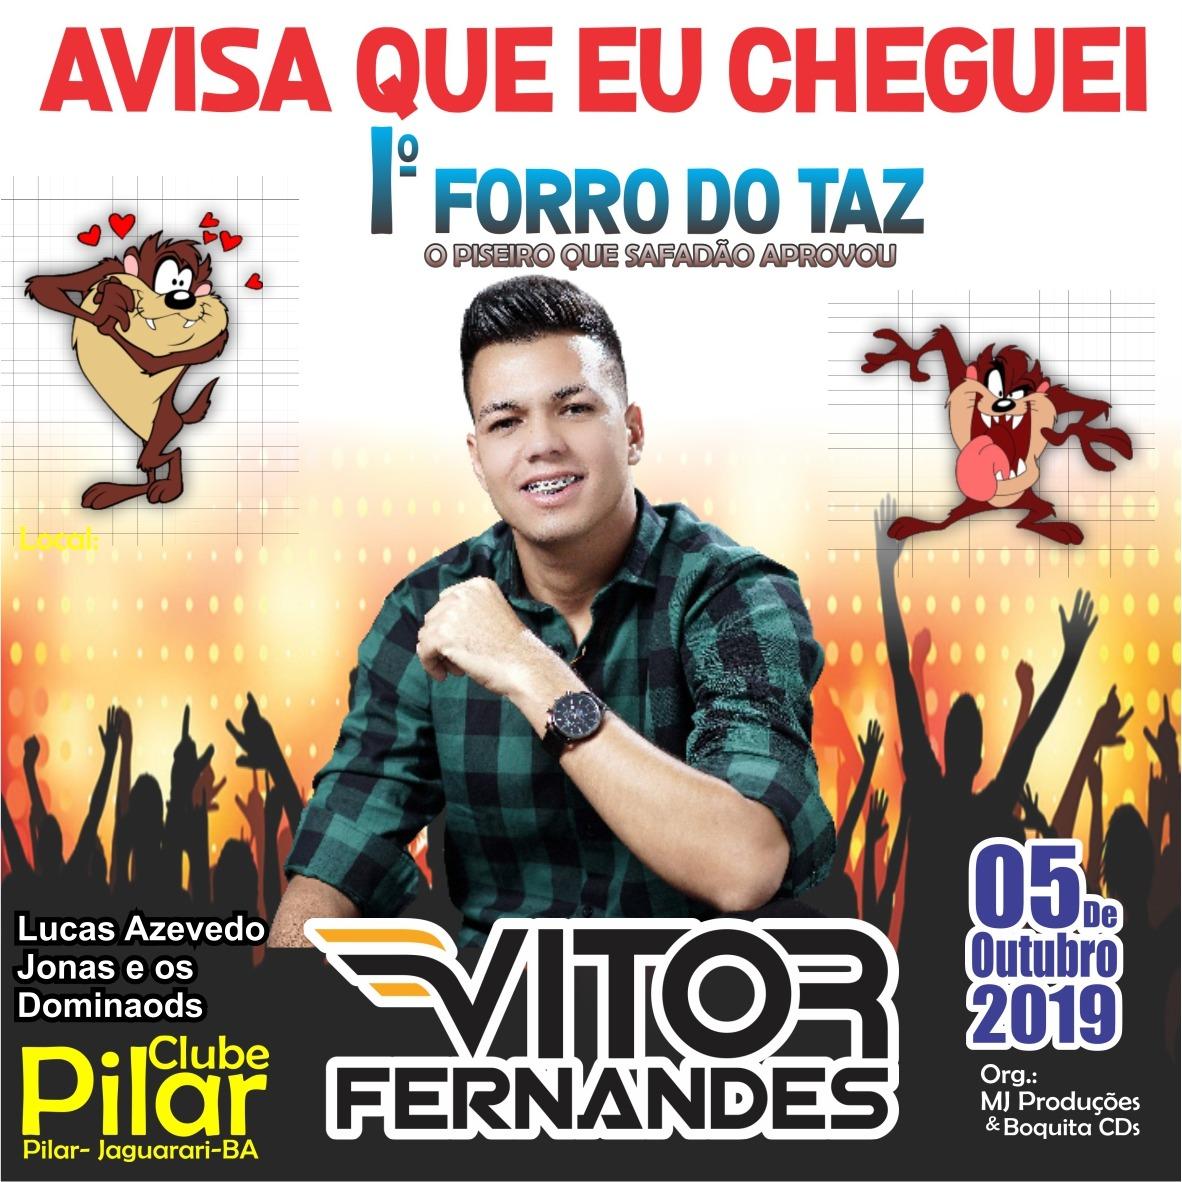 1°forro do Taz Vitor Fernandes